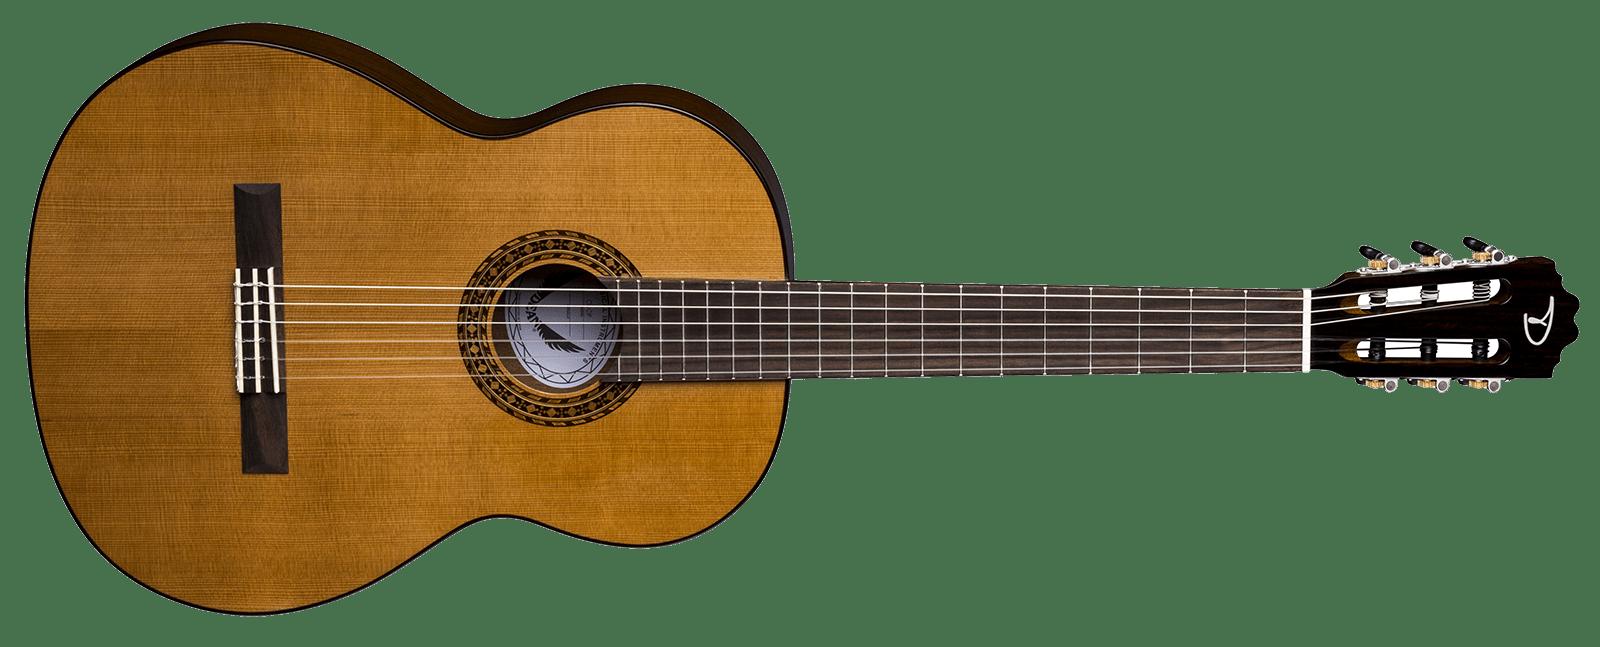 Espana classical plus solid. Clipart guitar cuatro